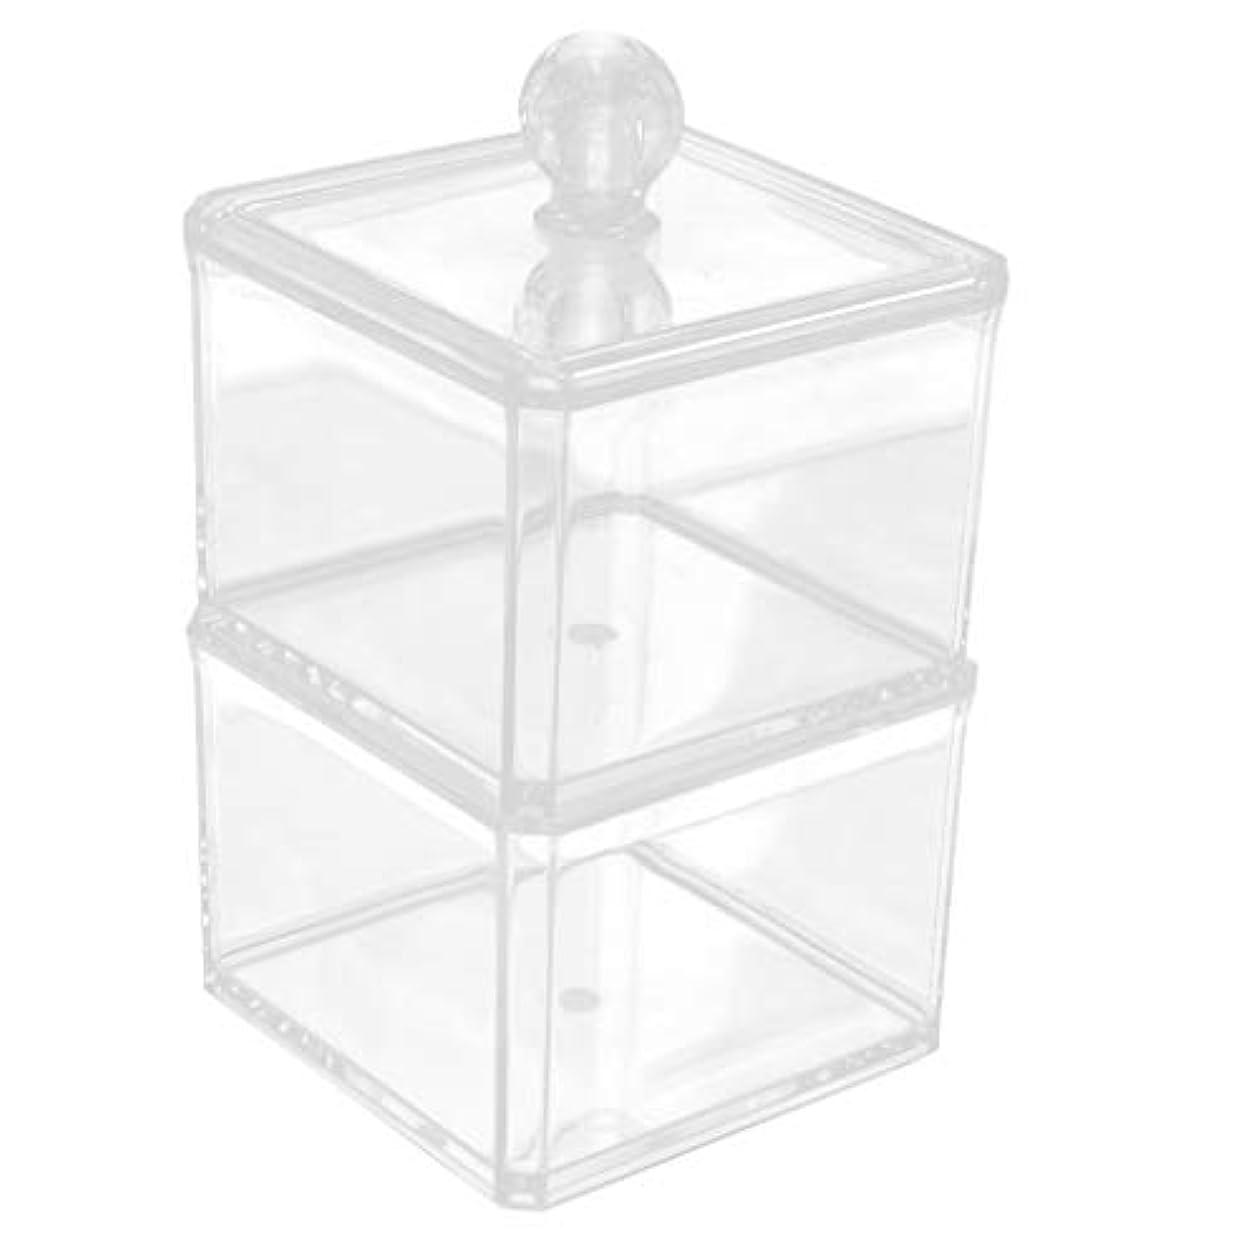 批判するさらに吸い込む収納ケース クリア 小物入り 綿棒 化粧パッド 収納ボックス オーガナイザー 2サイズ選べ - 9x13.5cm